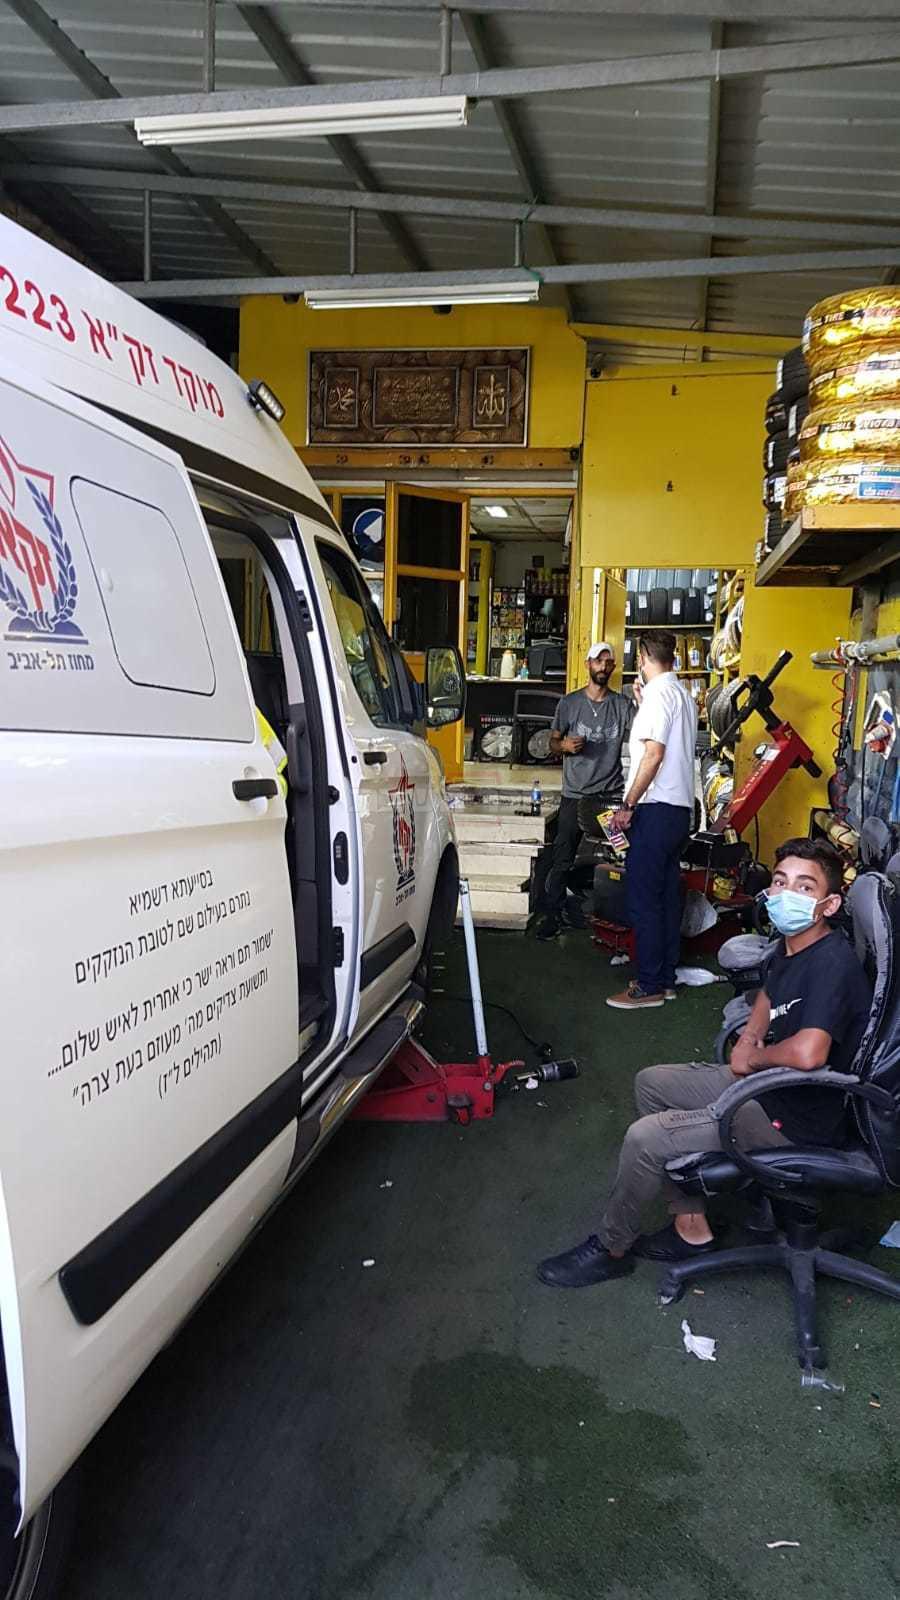 האמבולנס במוסך, לאחר שניזוק (באדיבות המצלם)